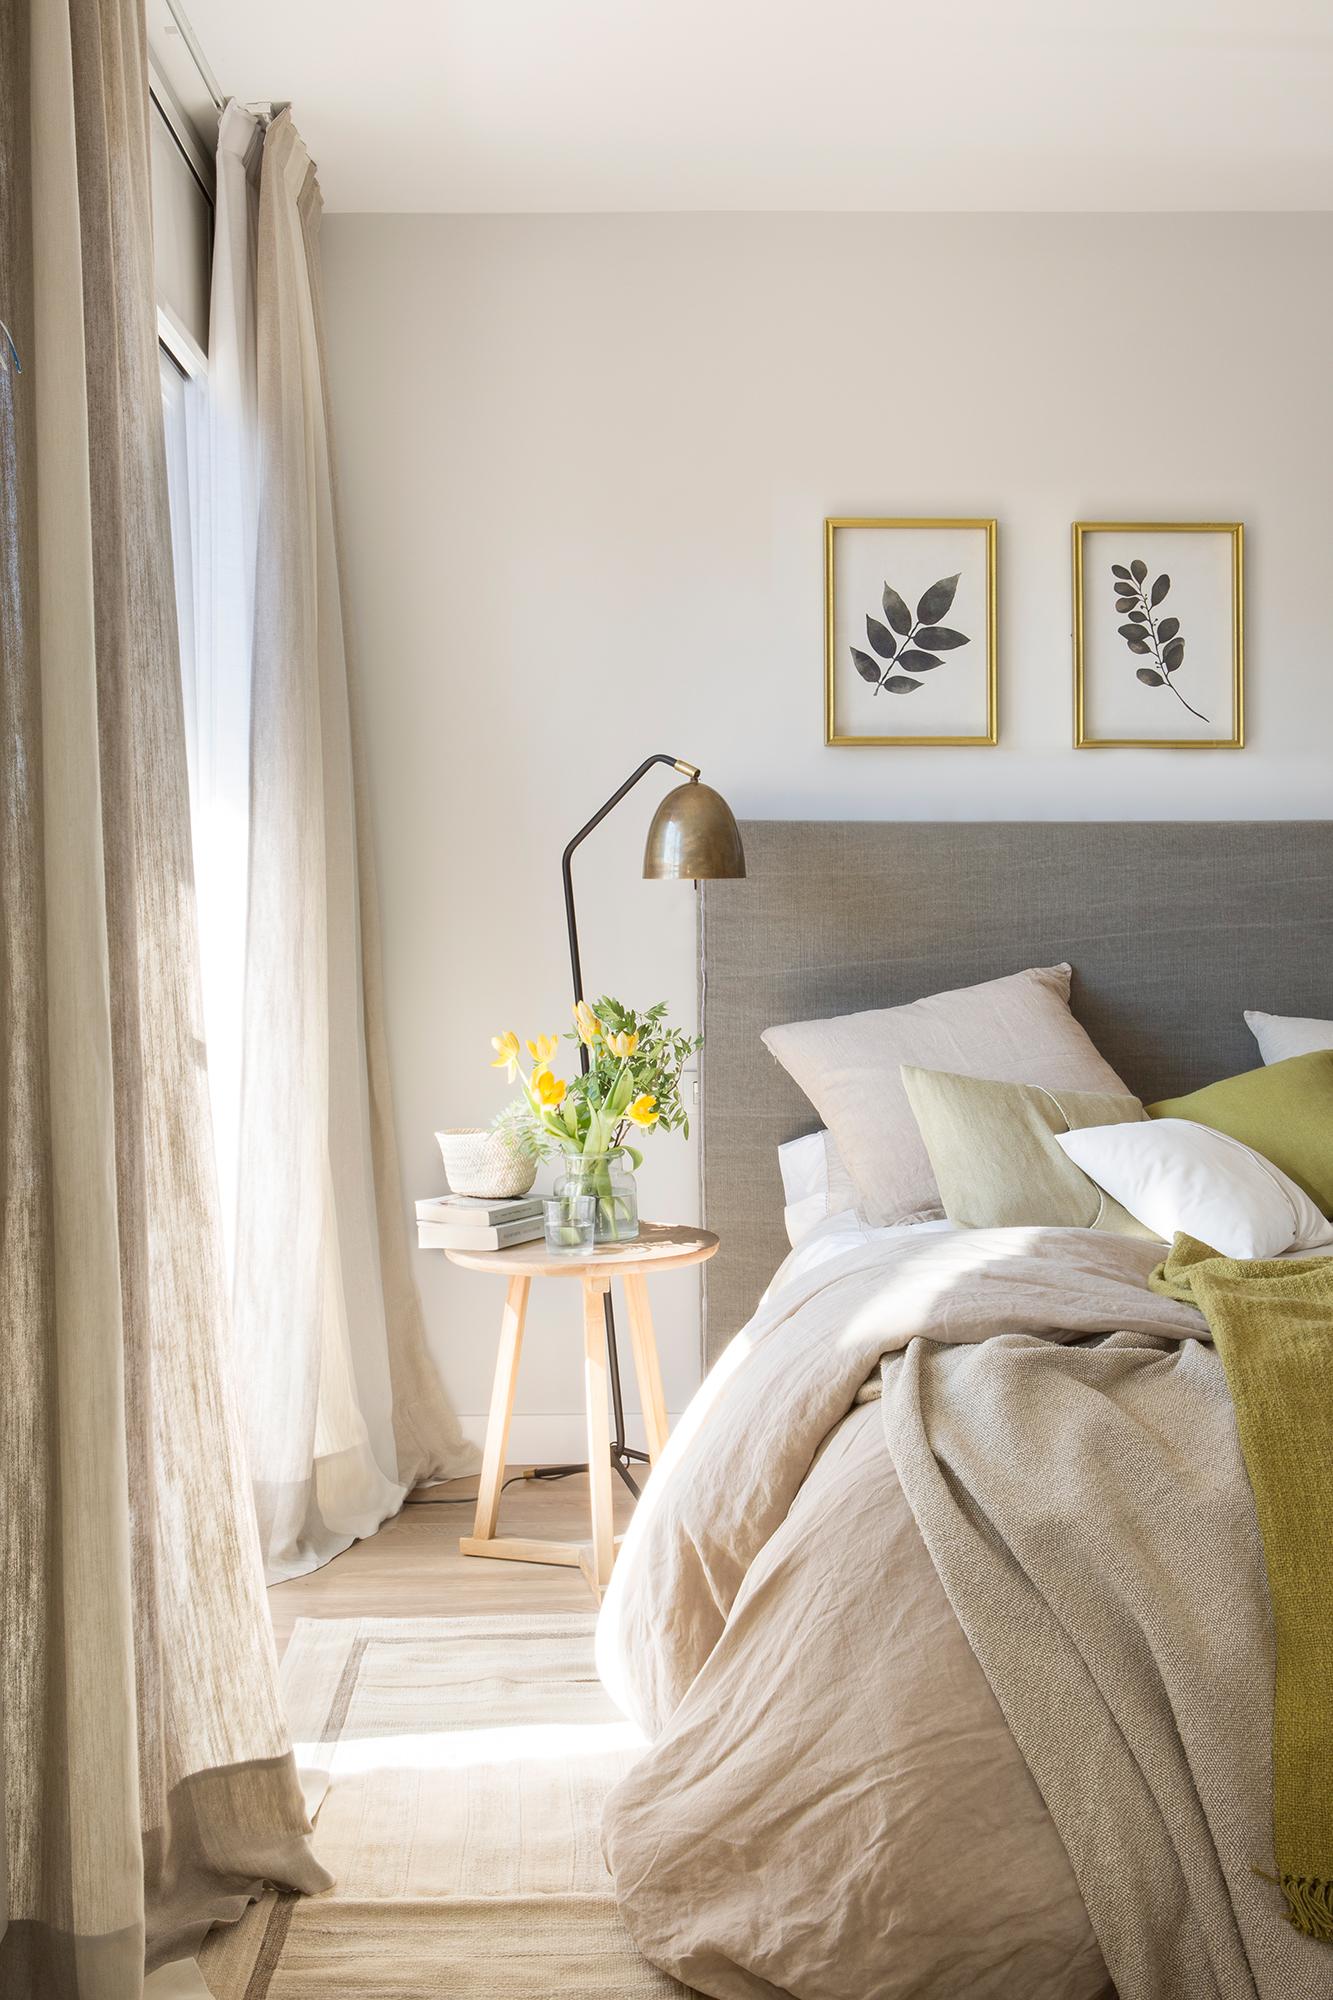 25 dormitorios modernos estilo el mueble - Cuadros para dormitorios leroy merlin ...